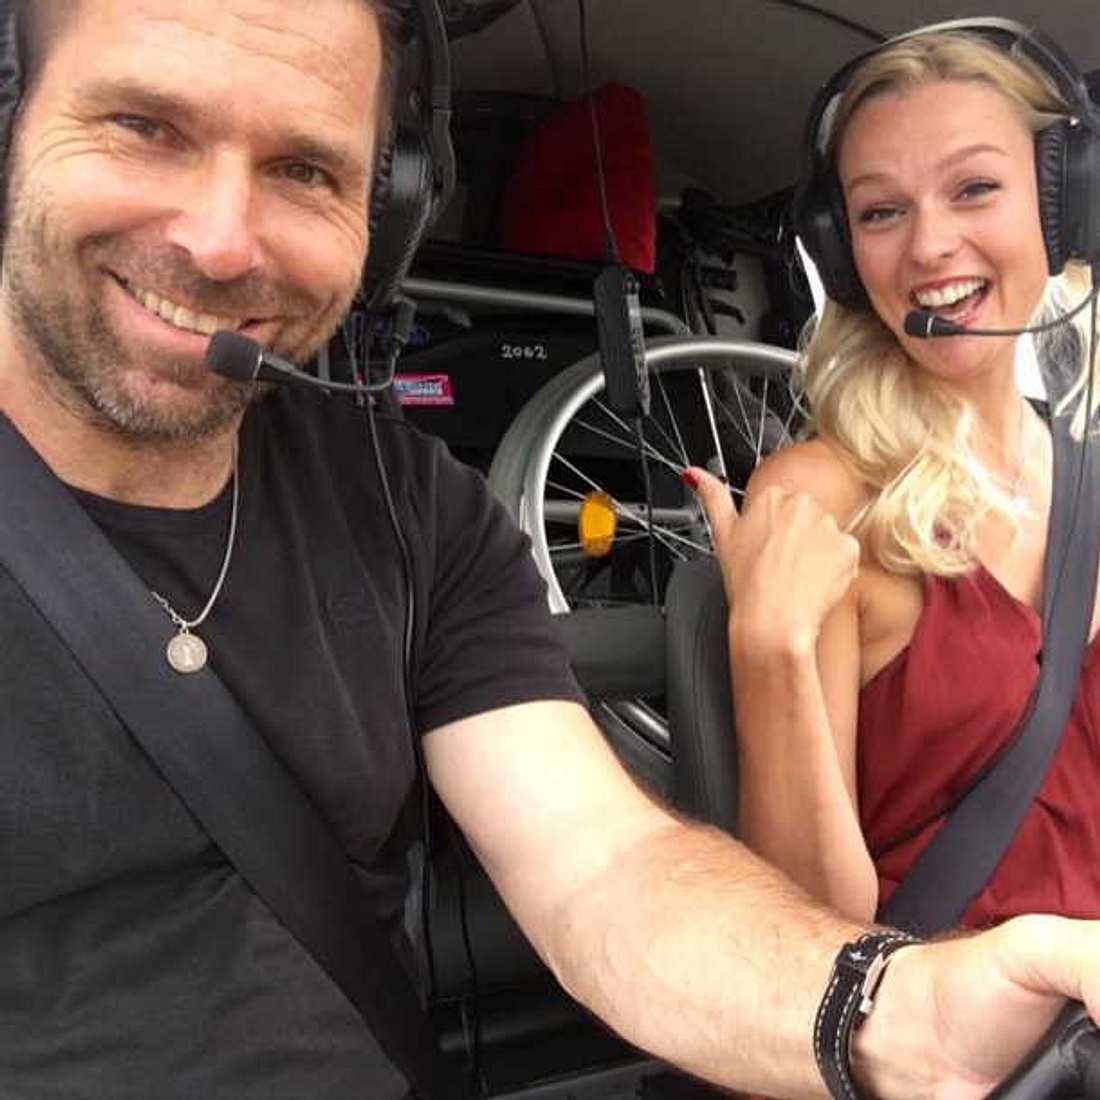 GNTM-Stuntfrau Miriam Höller verliert ihren Freund Hannes Arch bei Hubschrauberabsturz!